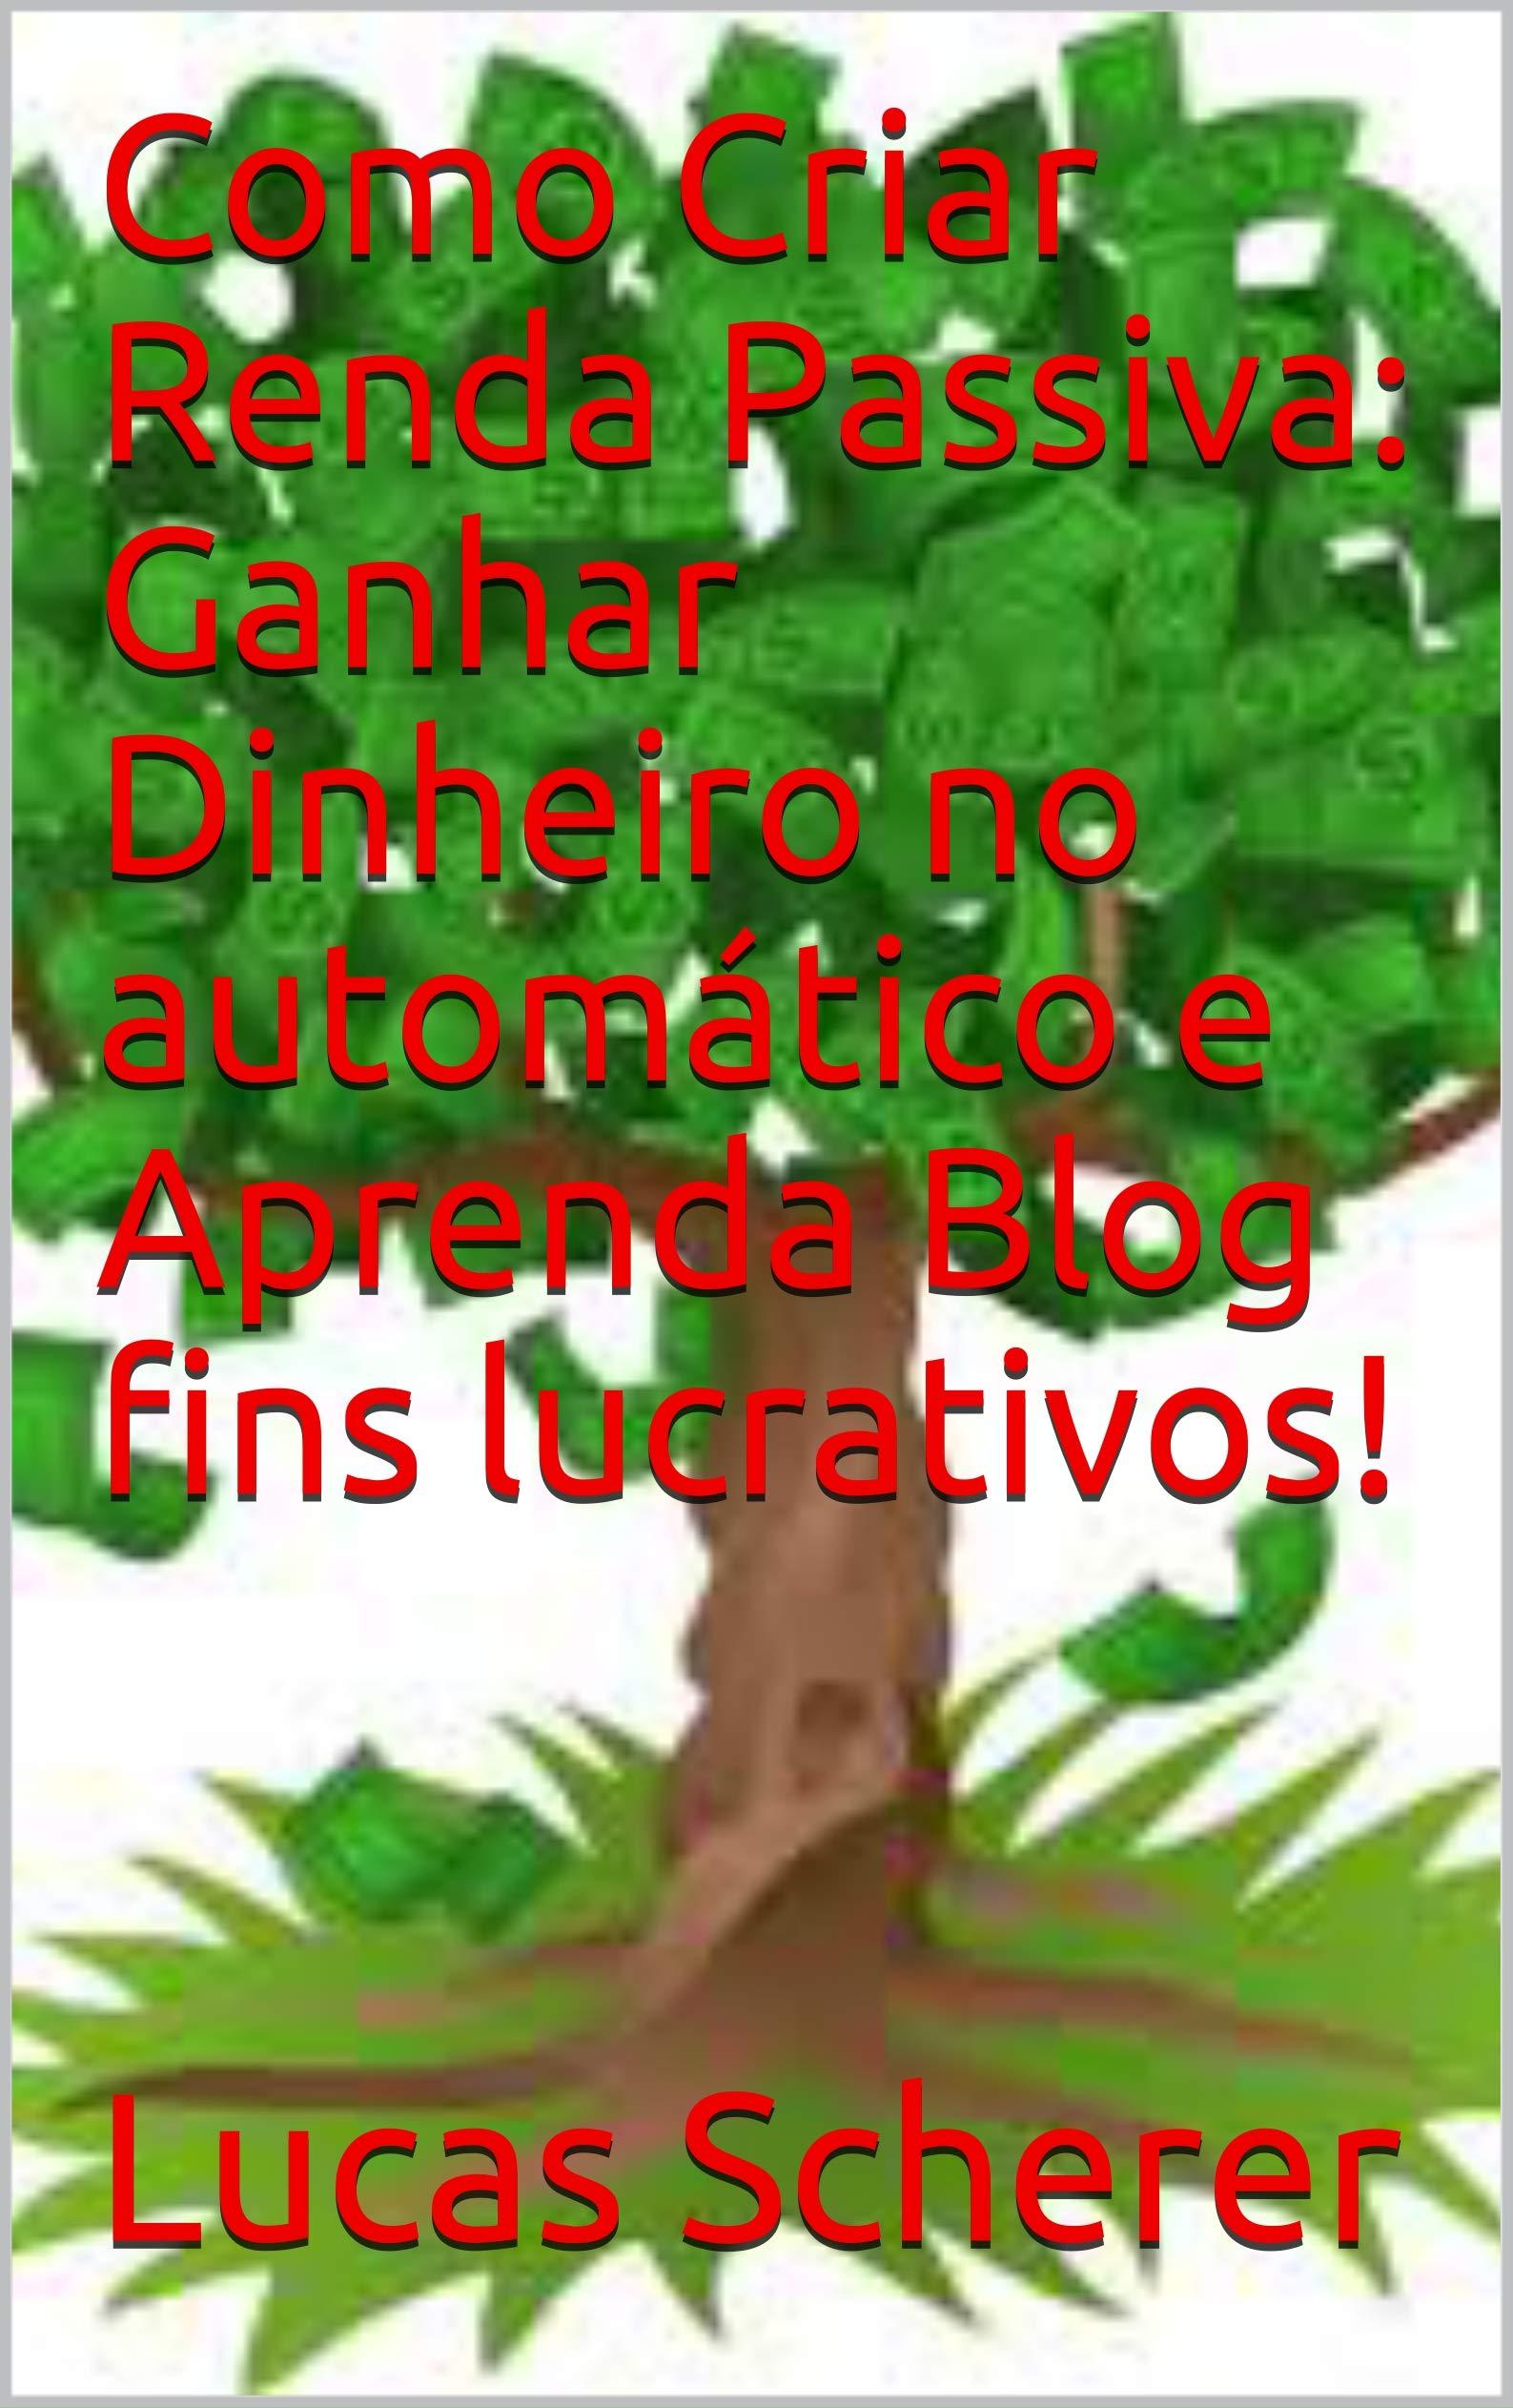 Como Criar Renda Passiva: Ganhar Dinheiro no automático e Aprenda Blog fins lucrativos! (Portuguese Edition)